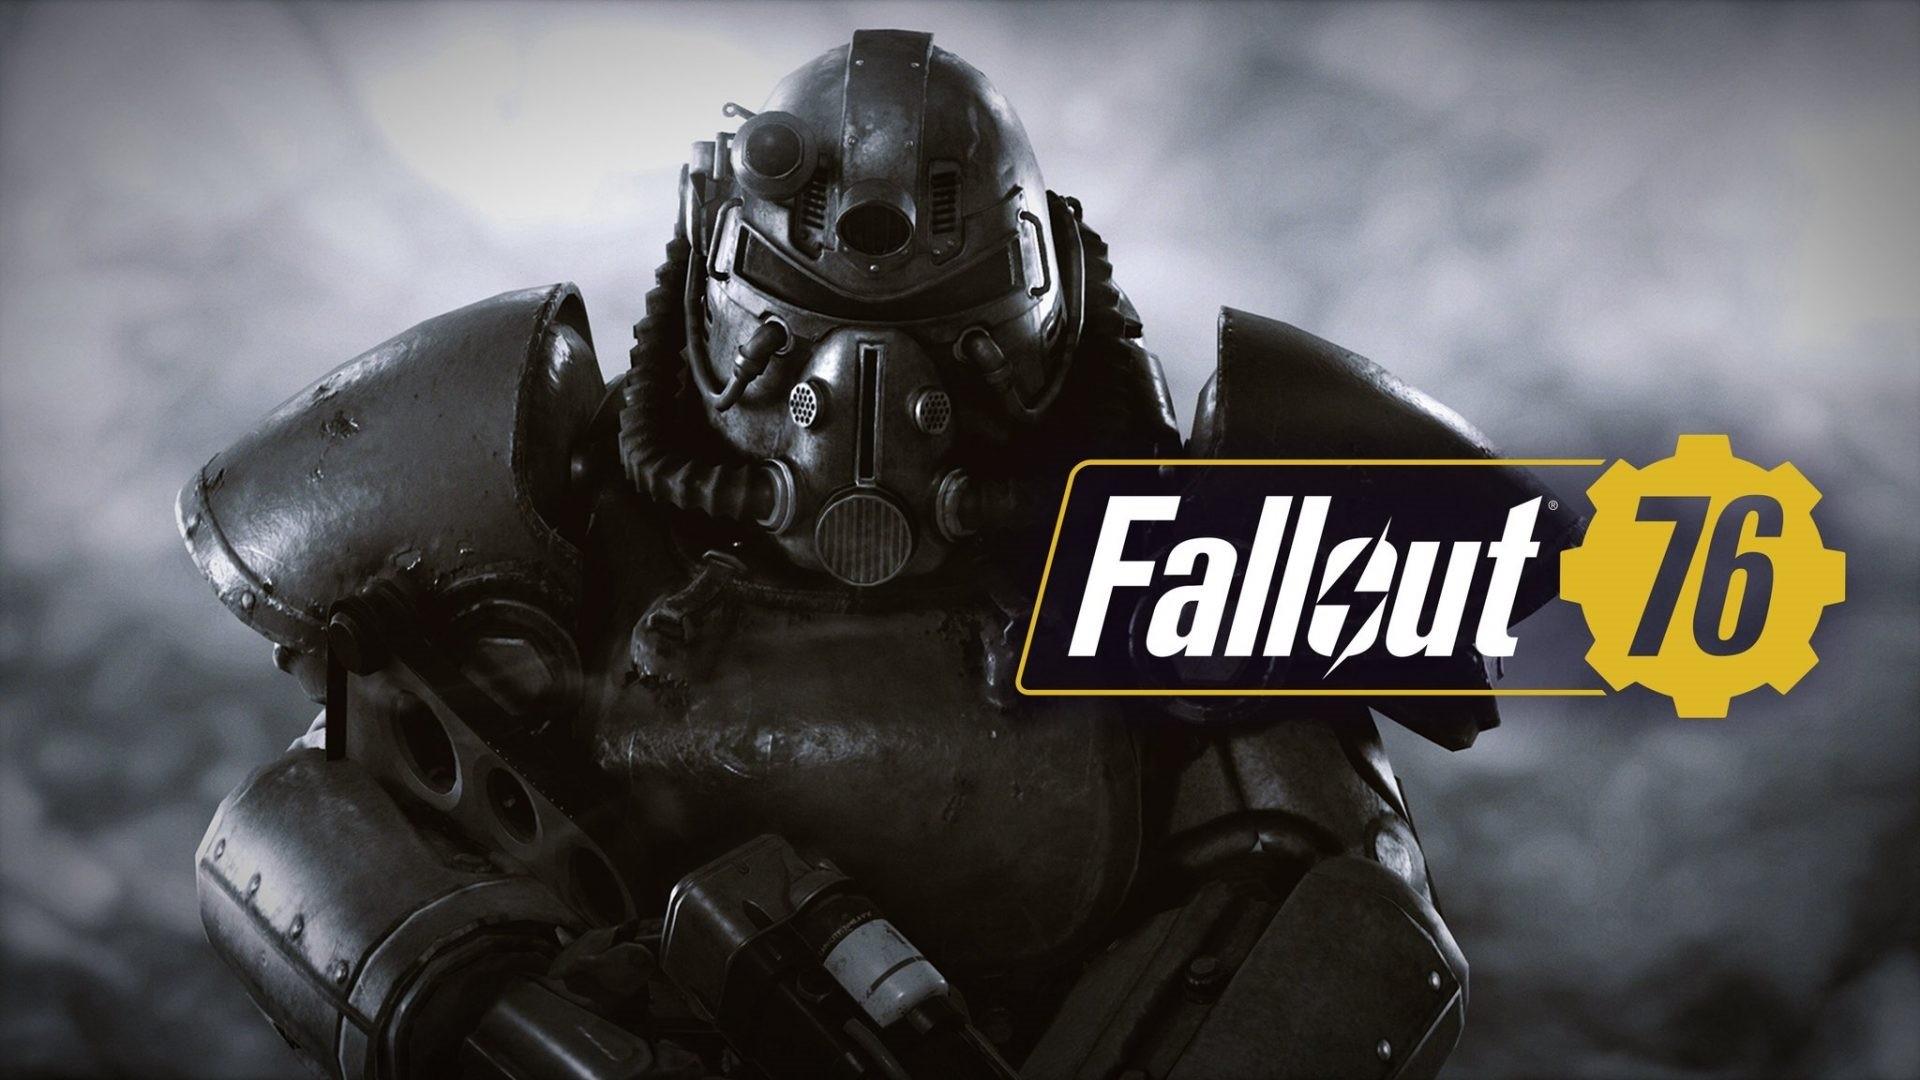 Fallout 76 PC Wallpaper HD